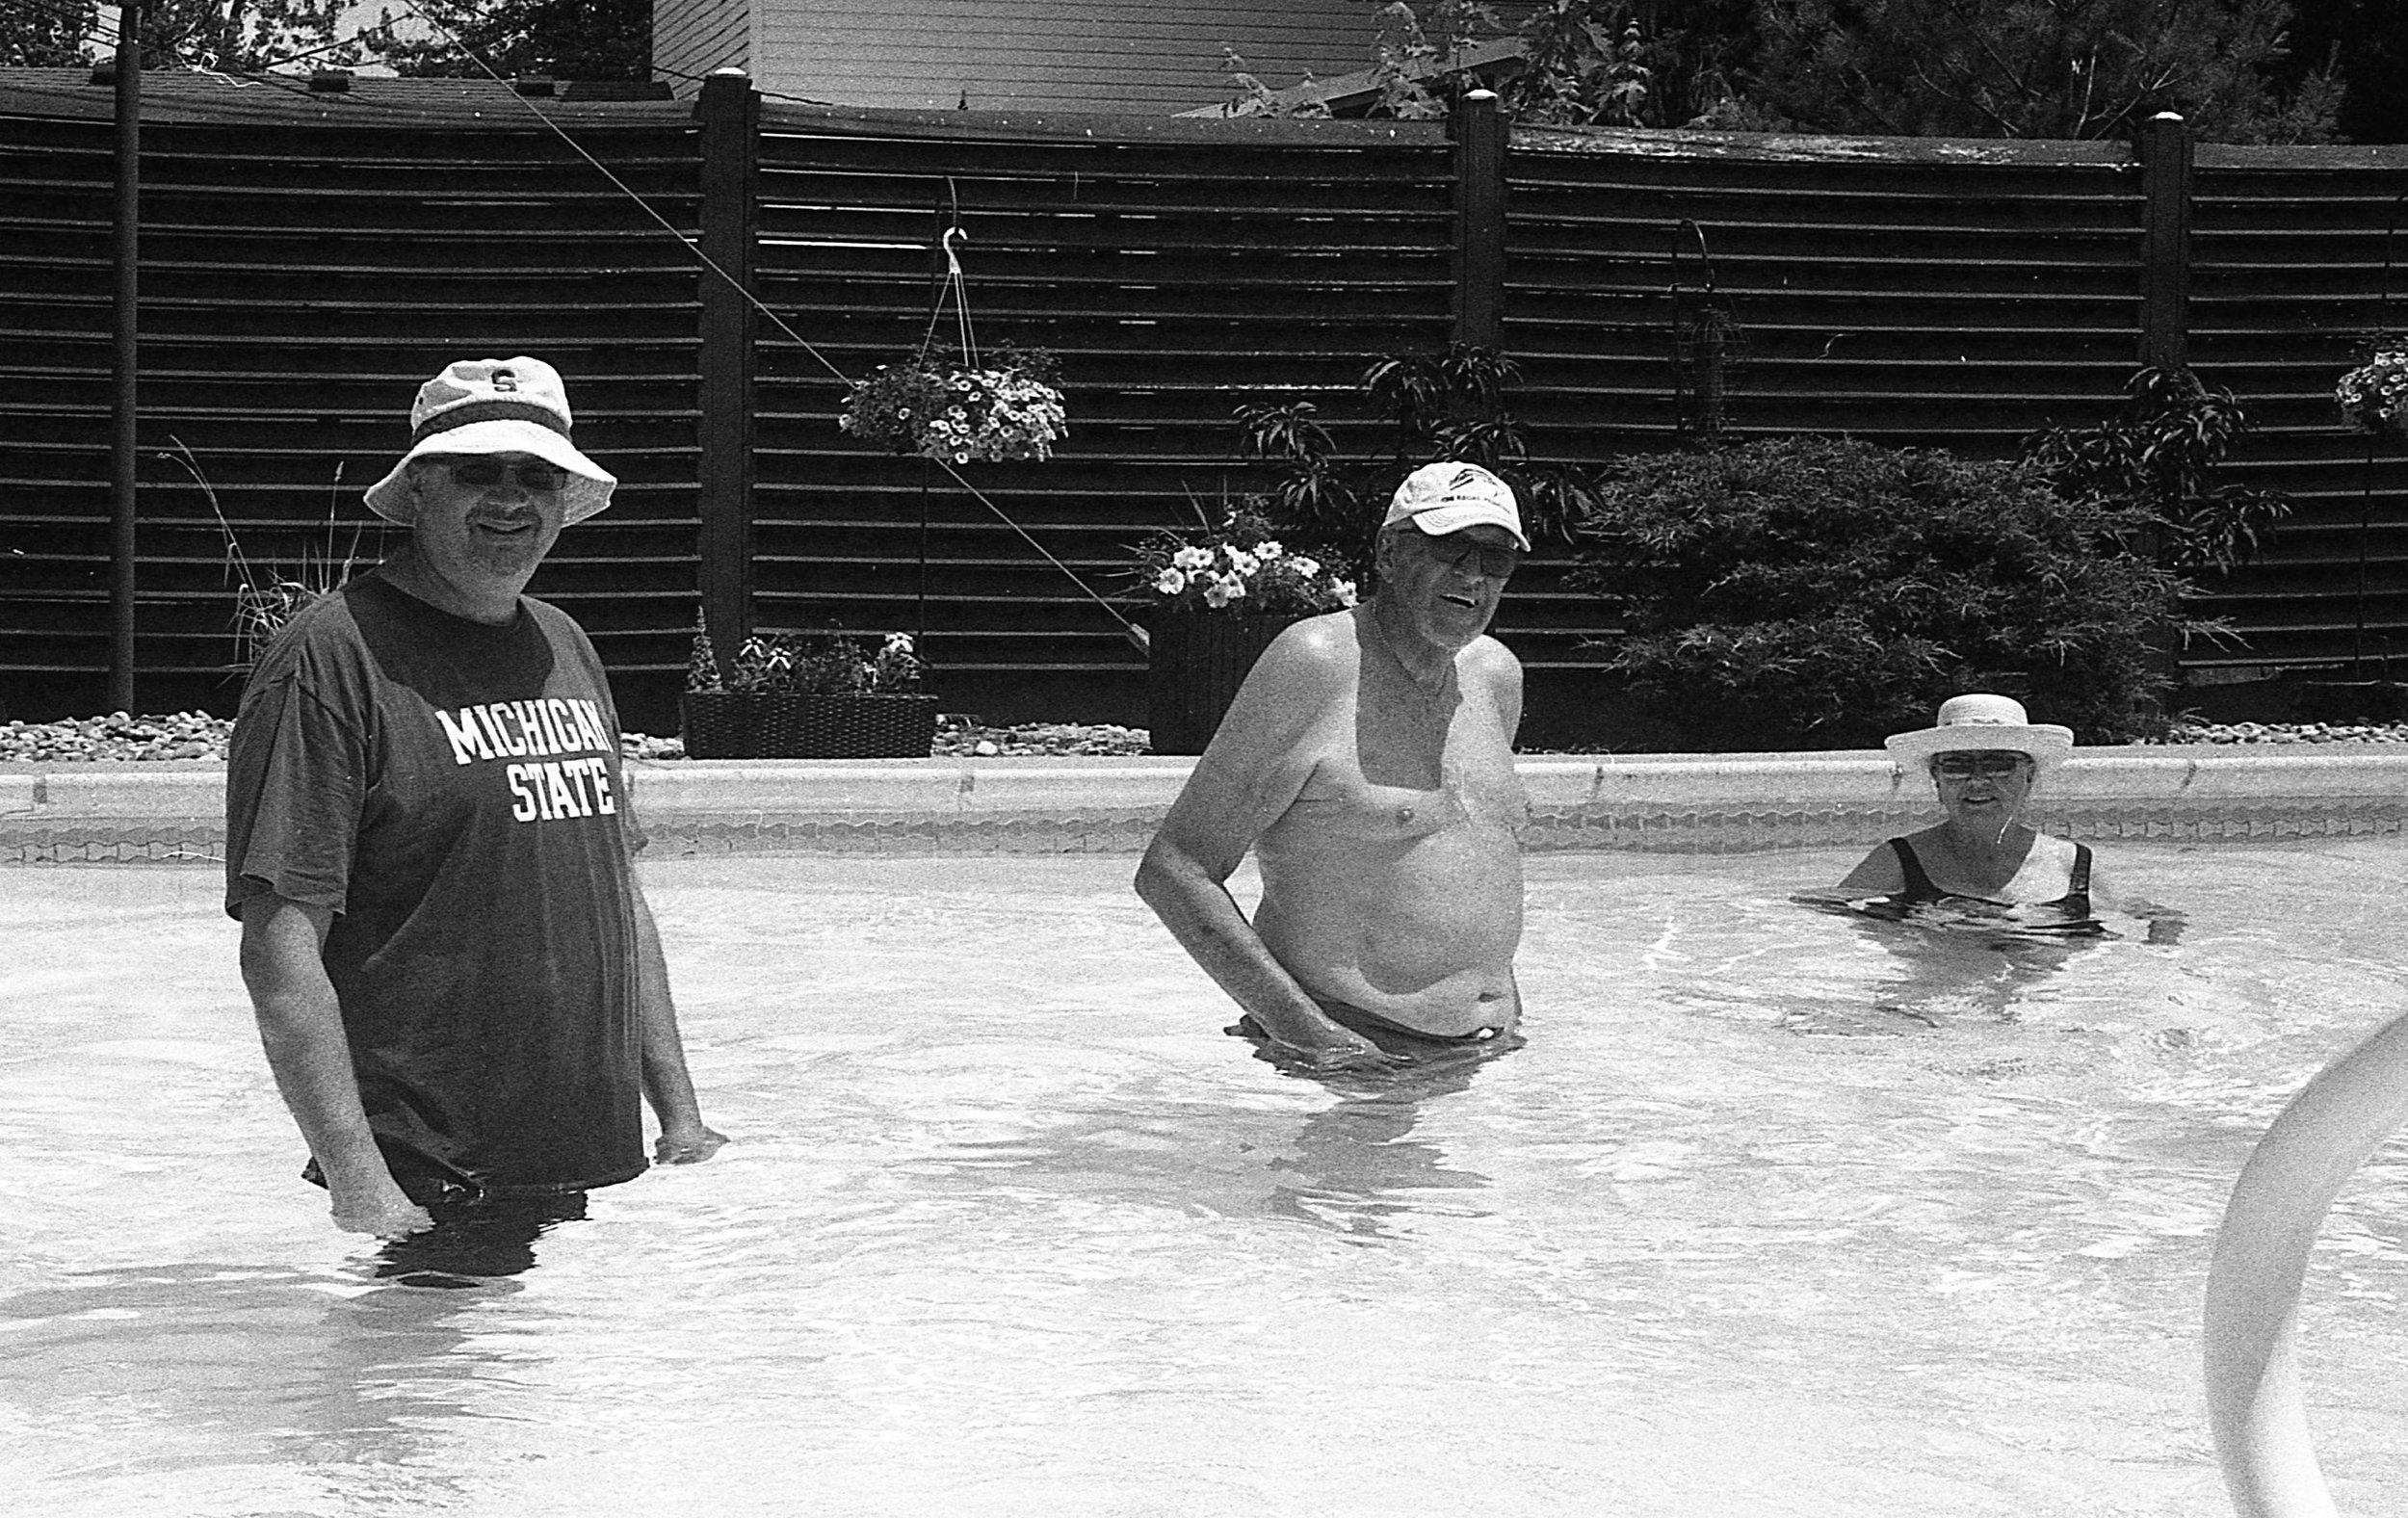 1981 Minolta X-700 Photo 35mm Film Zoe Kissel Summer Pool